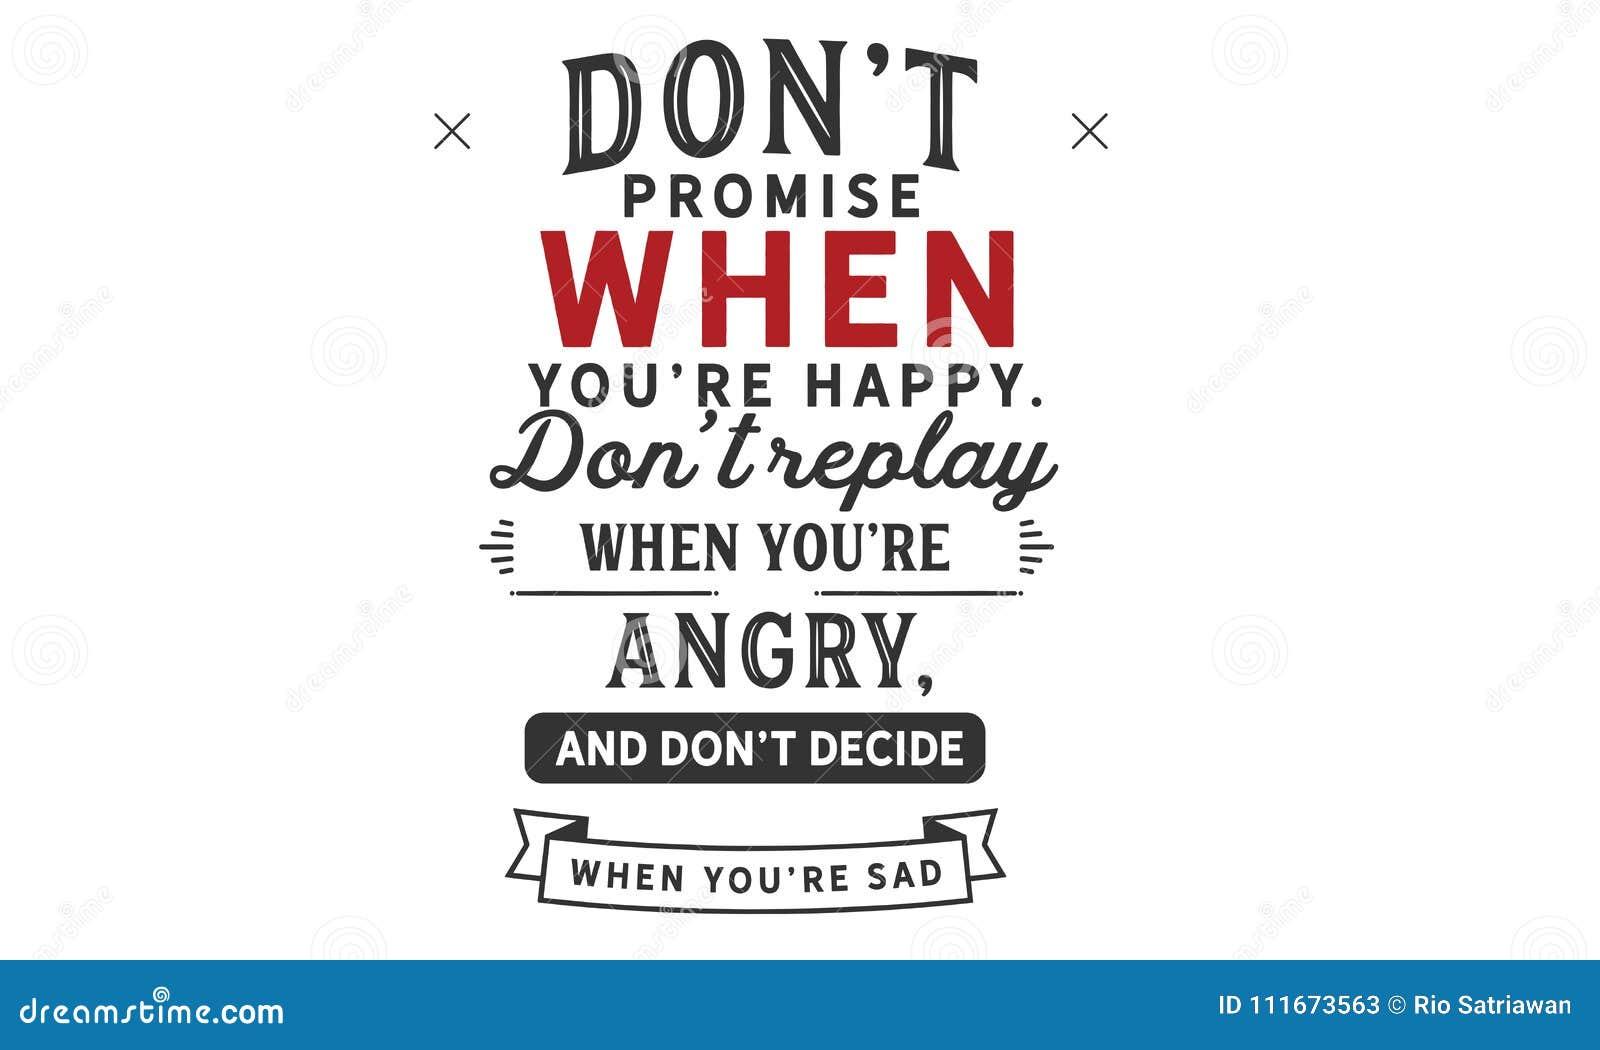 唐` t诺言,当您关于愉快的` 穿上` t再放,当您关于恼怒的`,并且穿上` t决定,当您关于哀伤的`